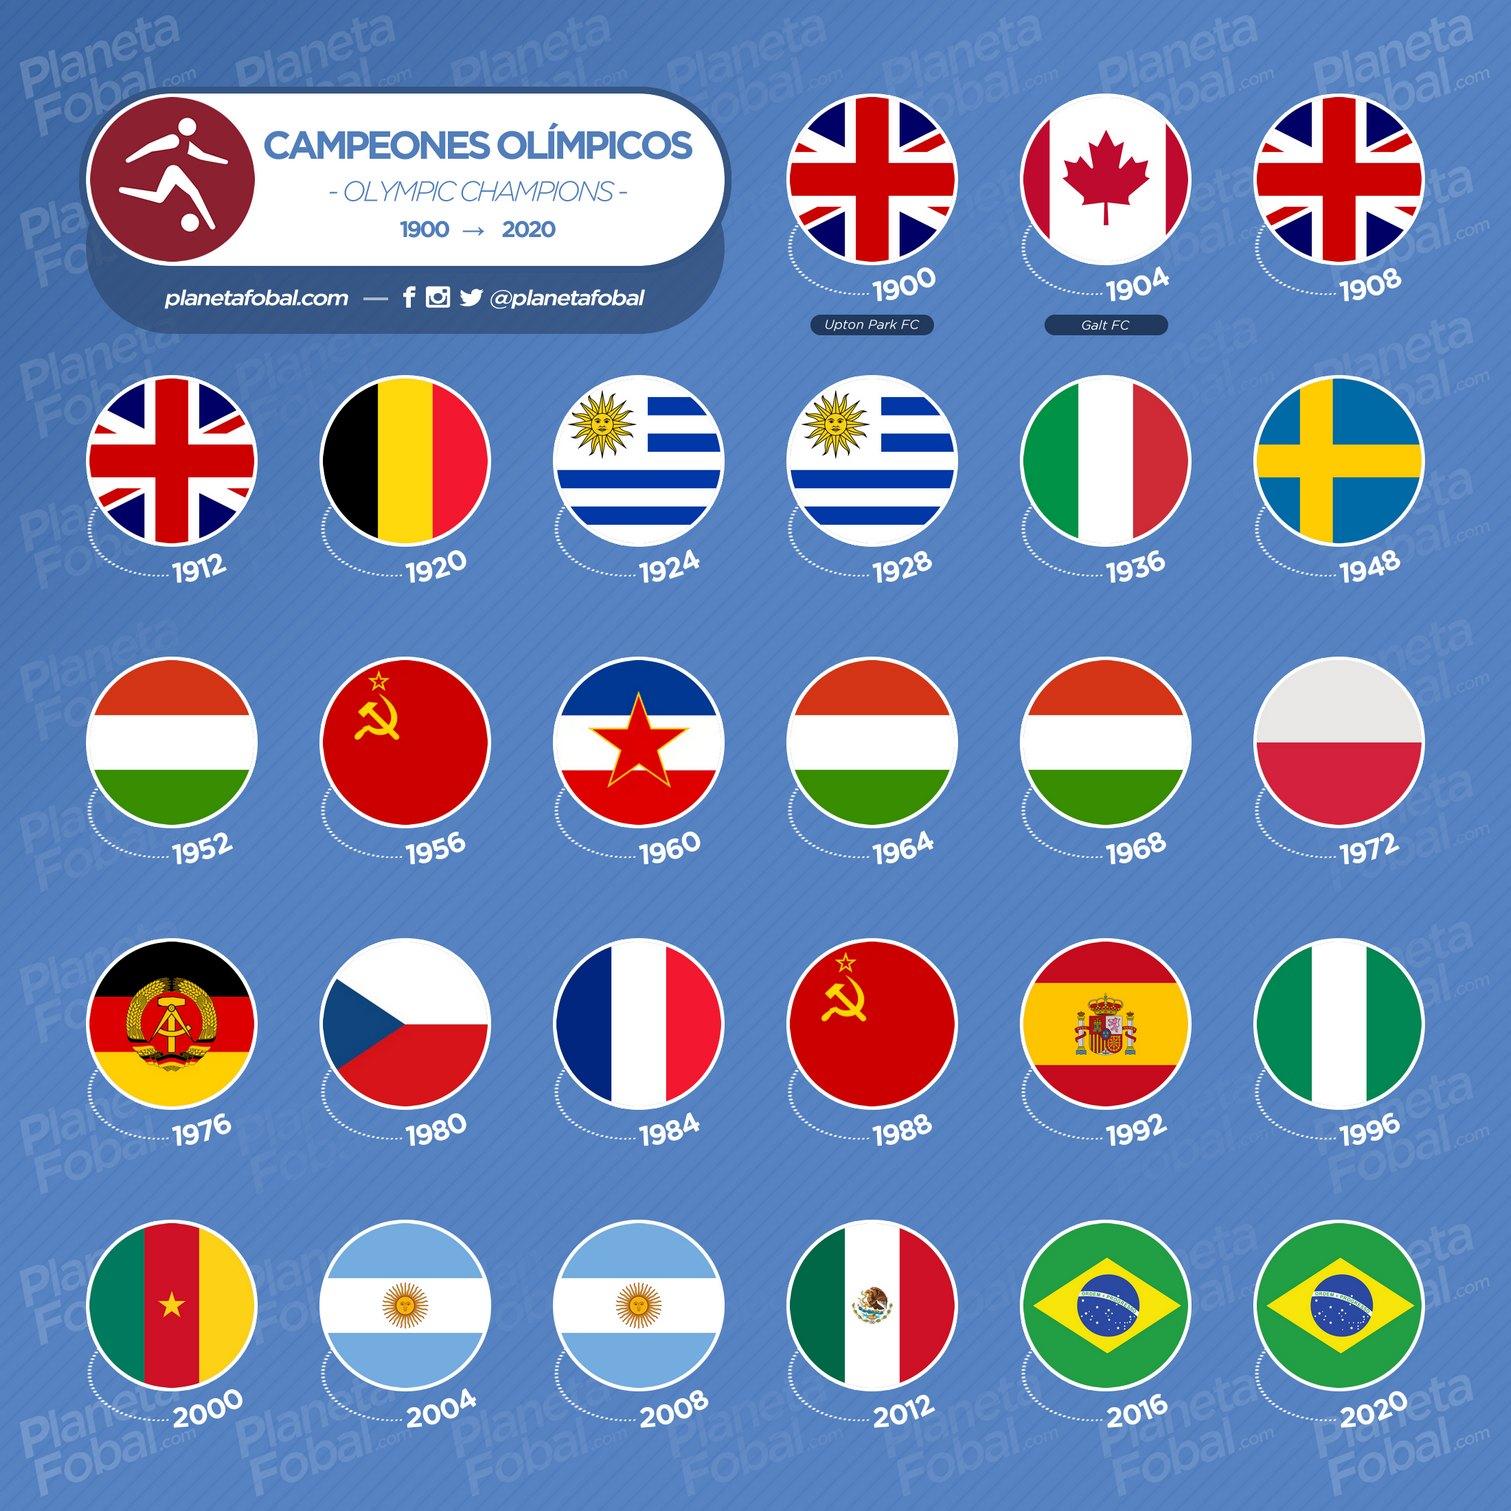 Países campeones olímpicos de fútbol (1900 - 2020)